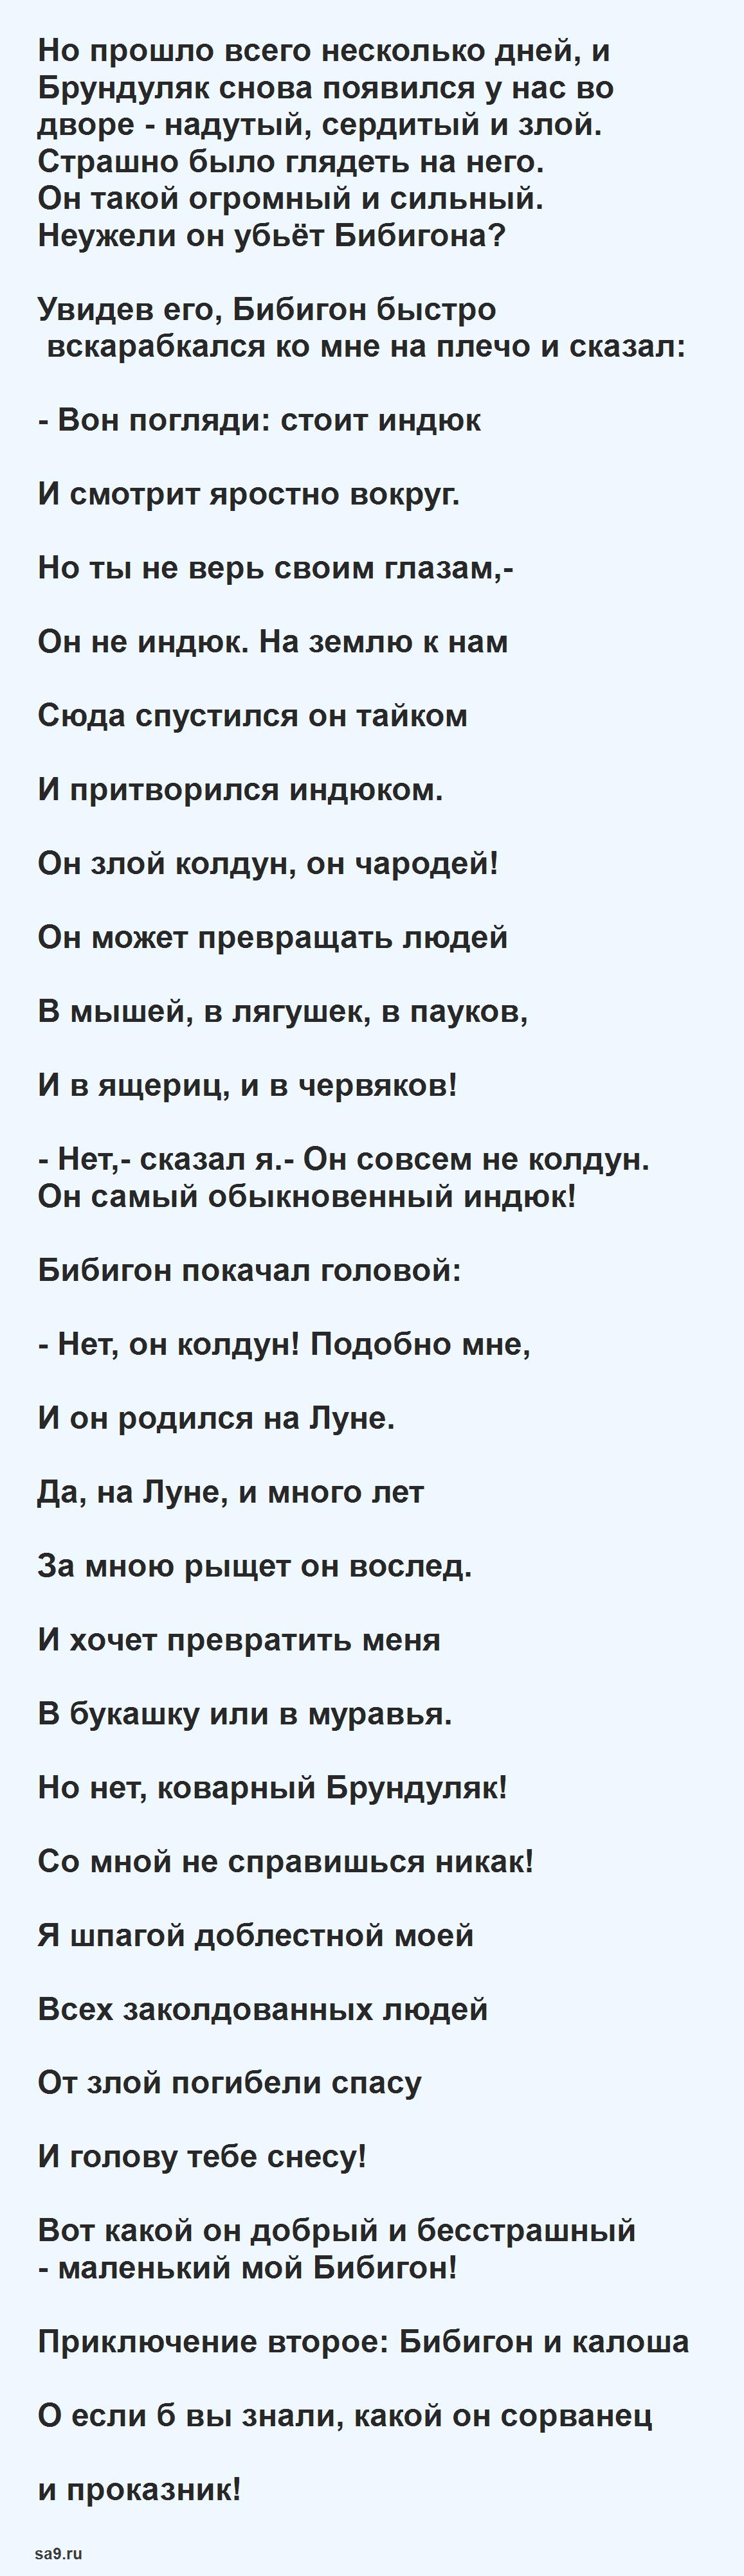 Читать сказку Чуковского для детей 'Приключения Бибигона'